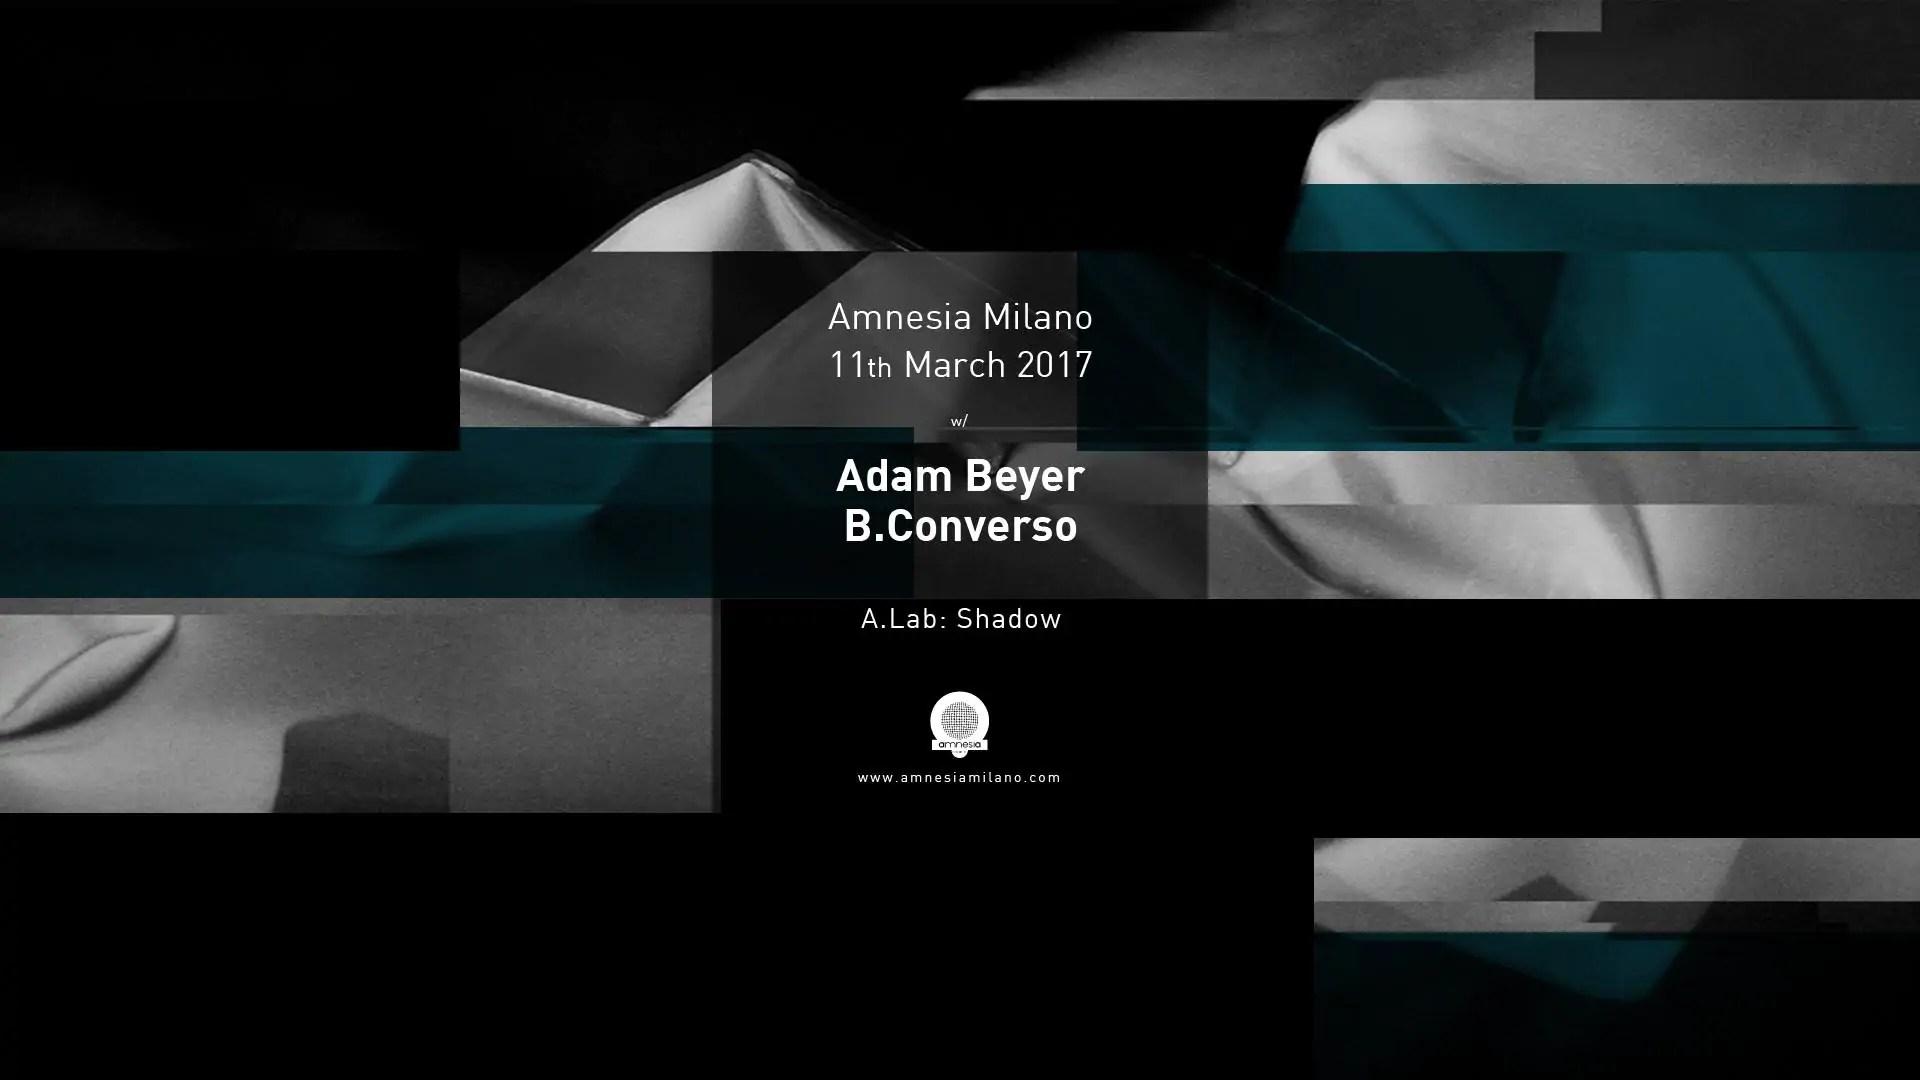 ADAM BEYER AMNESIA MILANO 11 MARZO 2017 Prezzi TICKET PREVENDITE PACCHETTI Hotel Bus